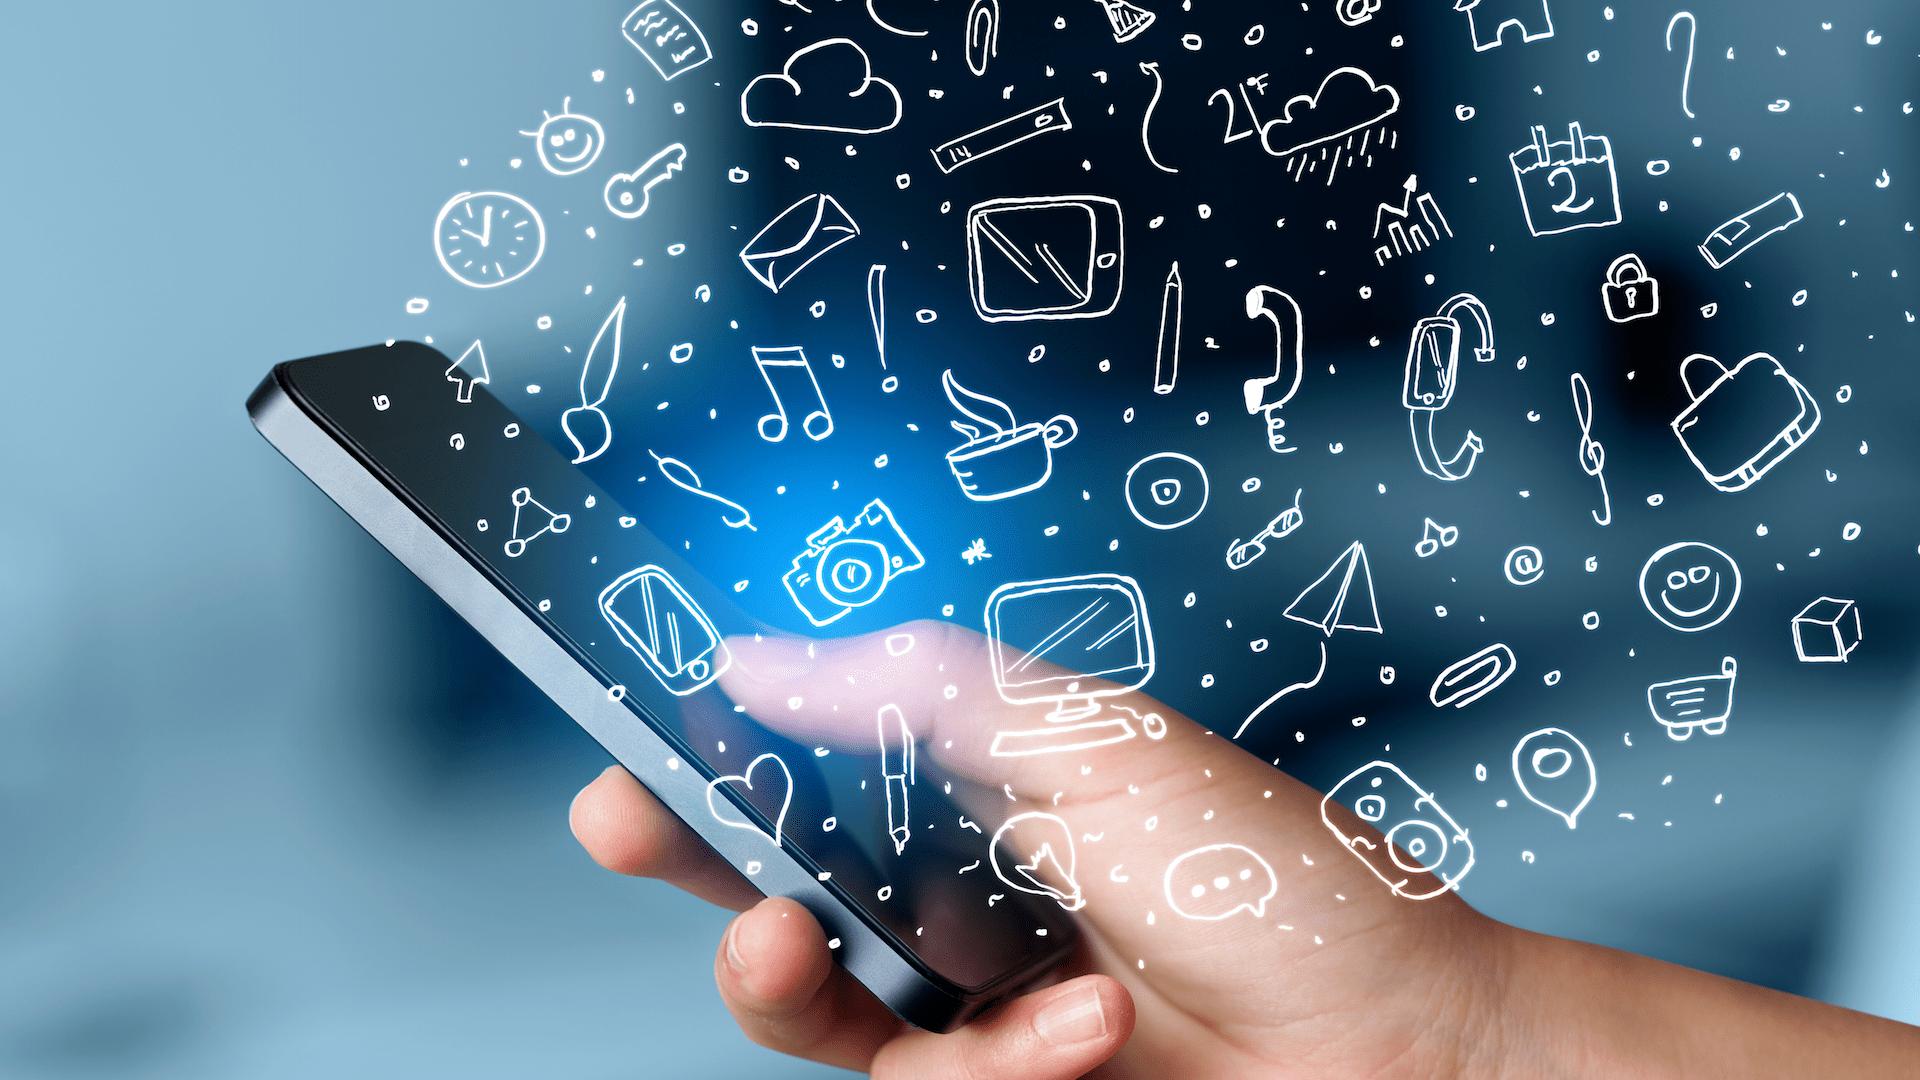 ۷ دلیلی که کسب و کار ها به اپلیکیشن موبایل نیاز دارند.